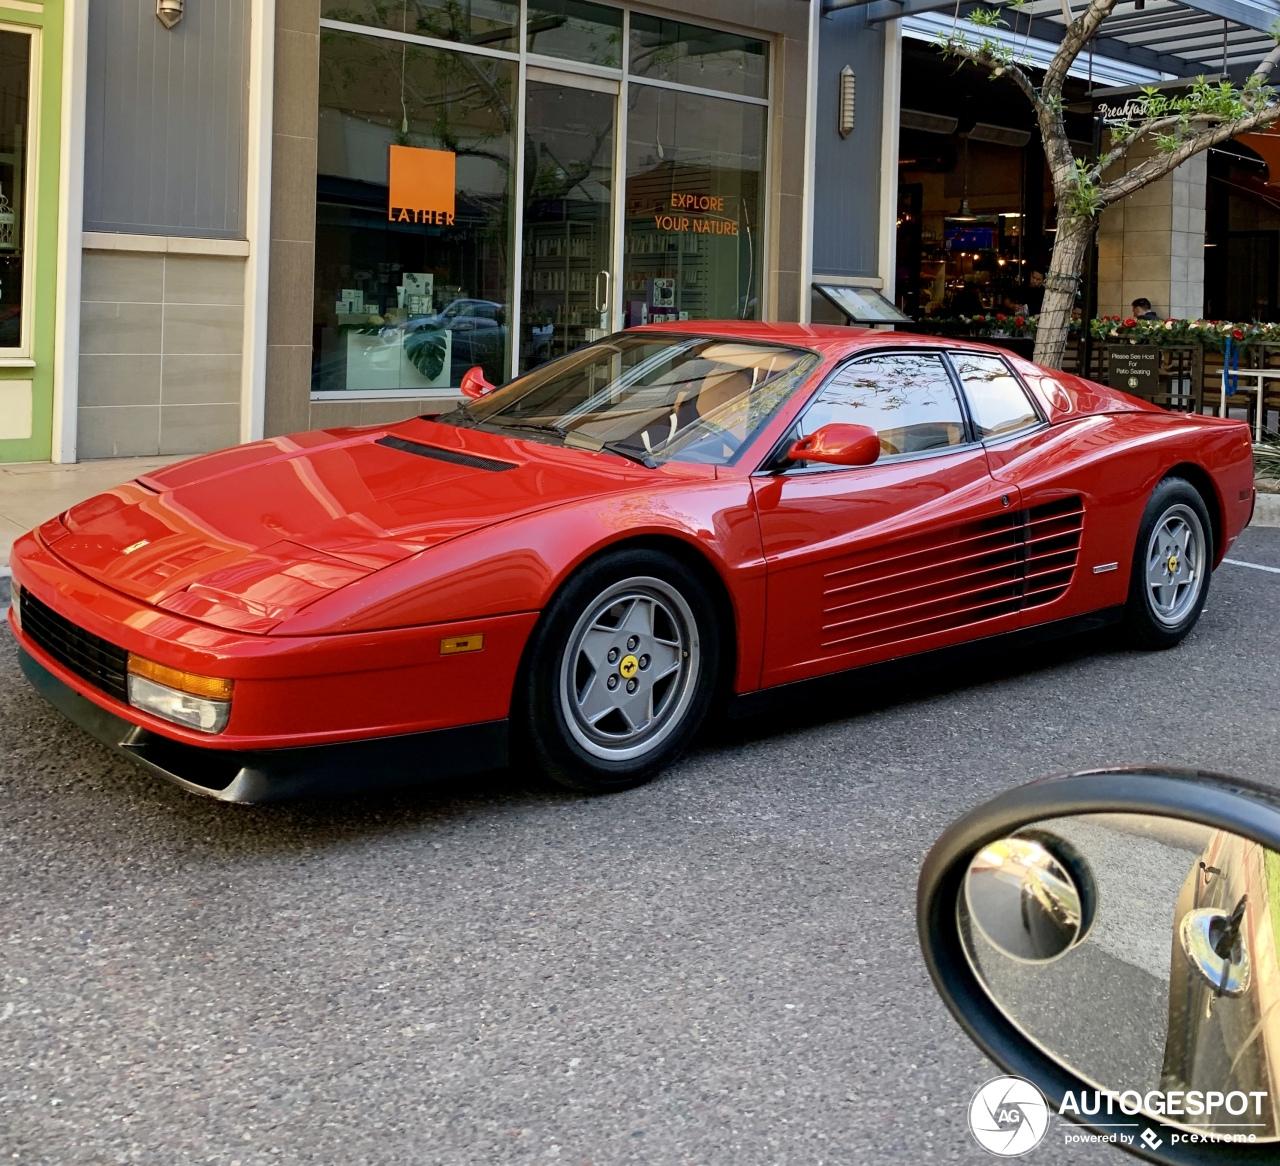 Ferrari Testarossa: Ferrari Testarossa